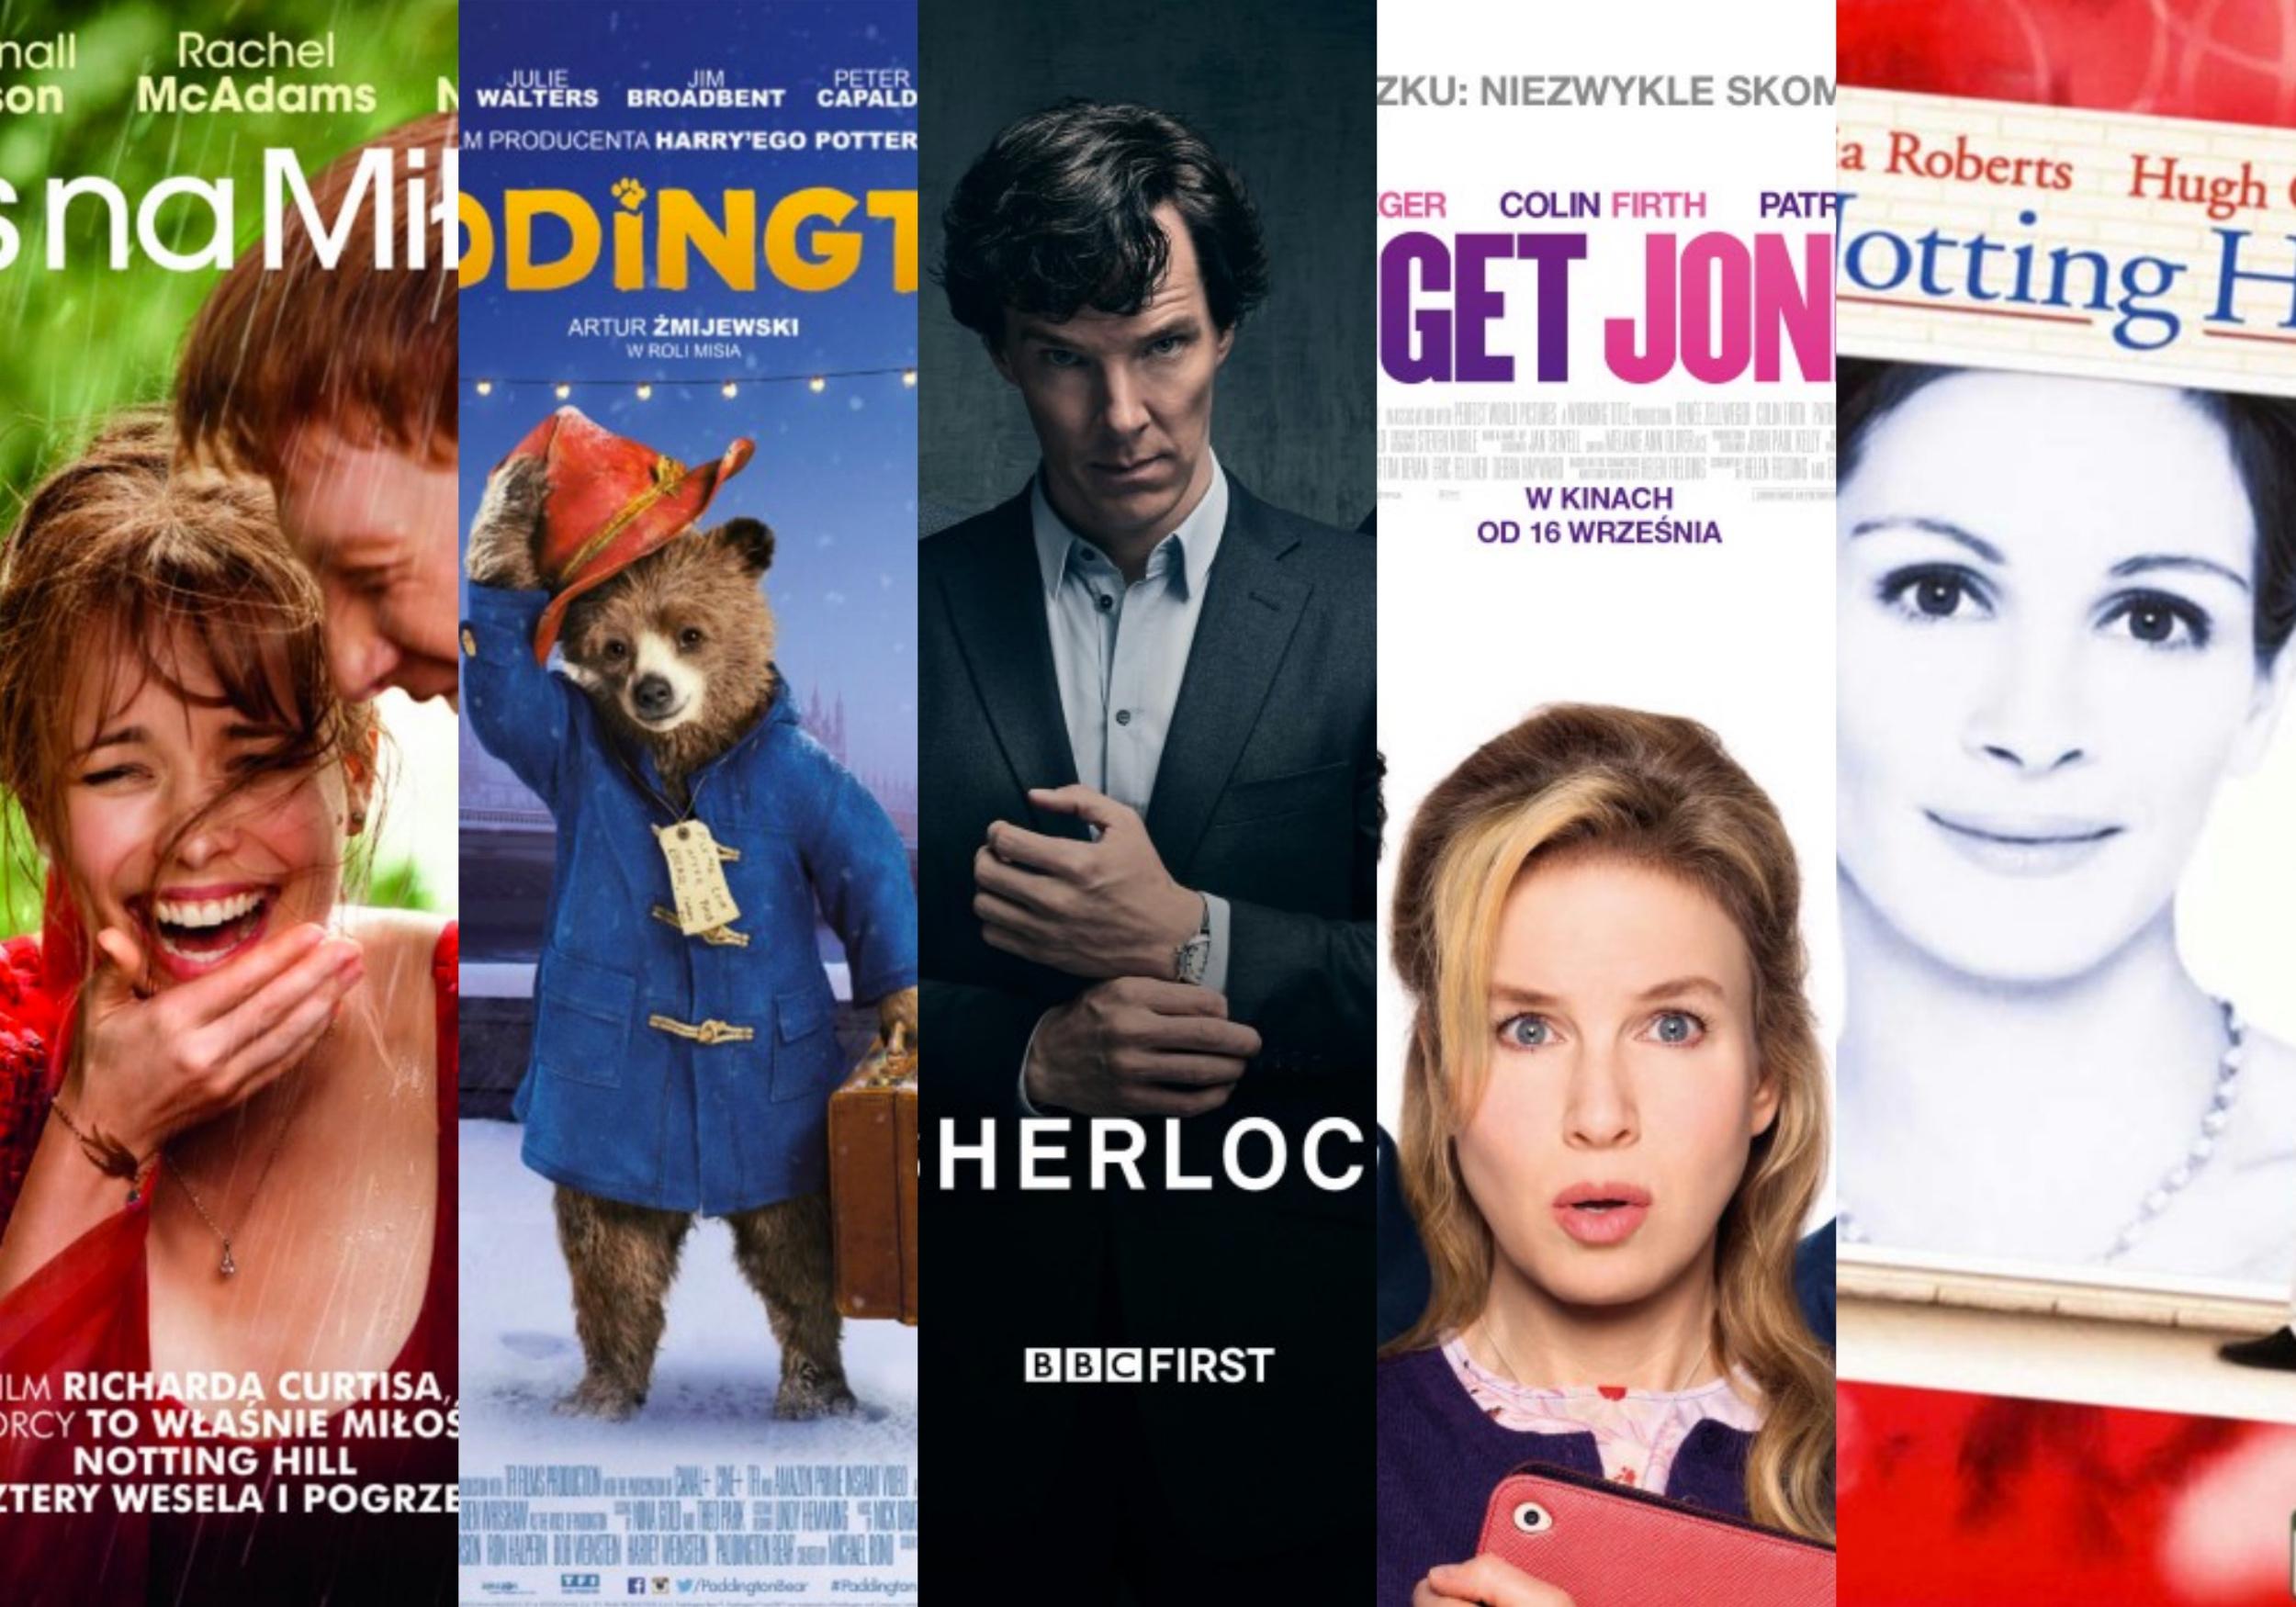 Filmy i seriale z Londynem w tle – subiektywny wybór dla miłośników londyńskich klimatów